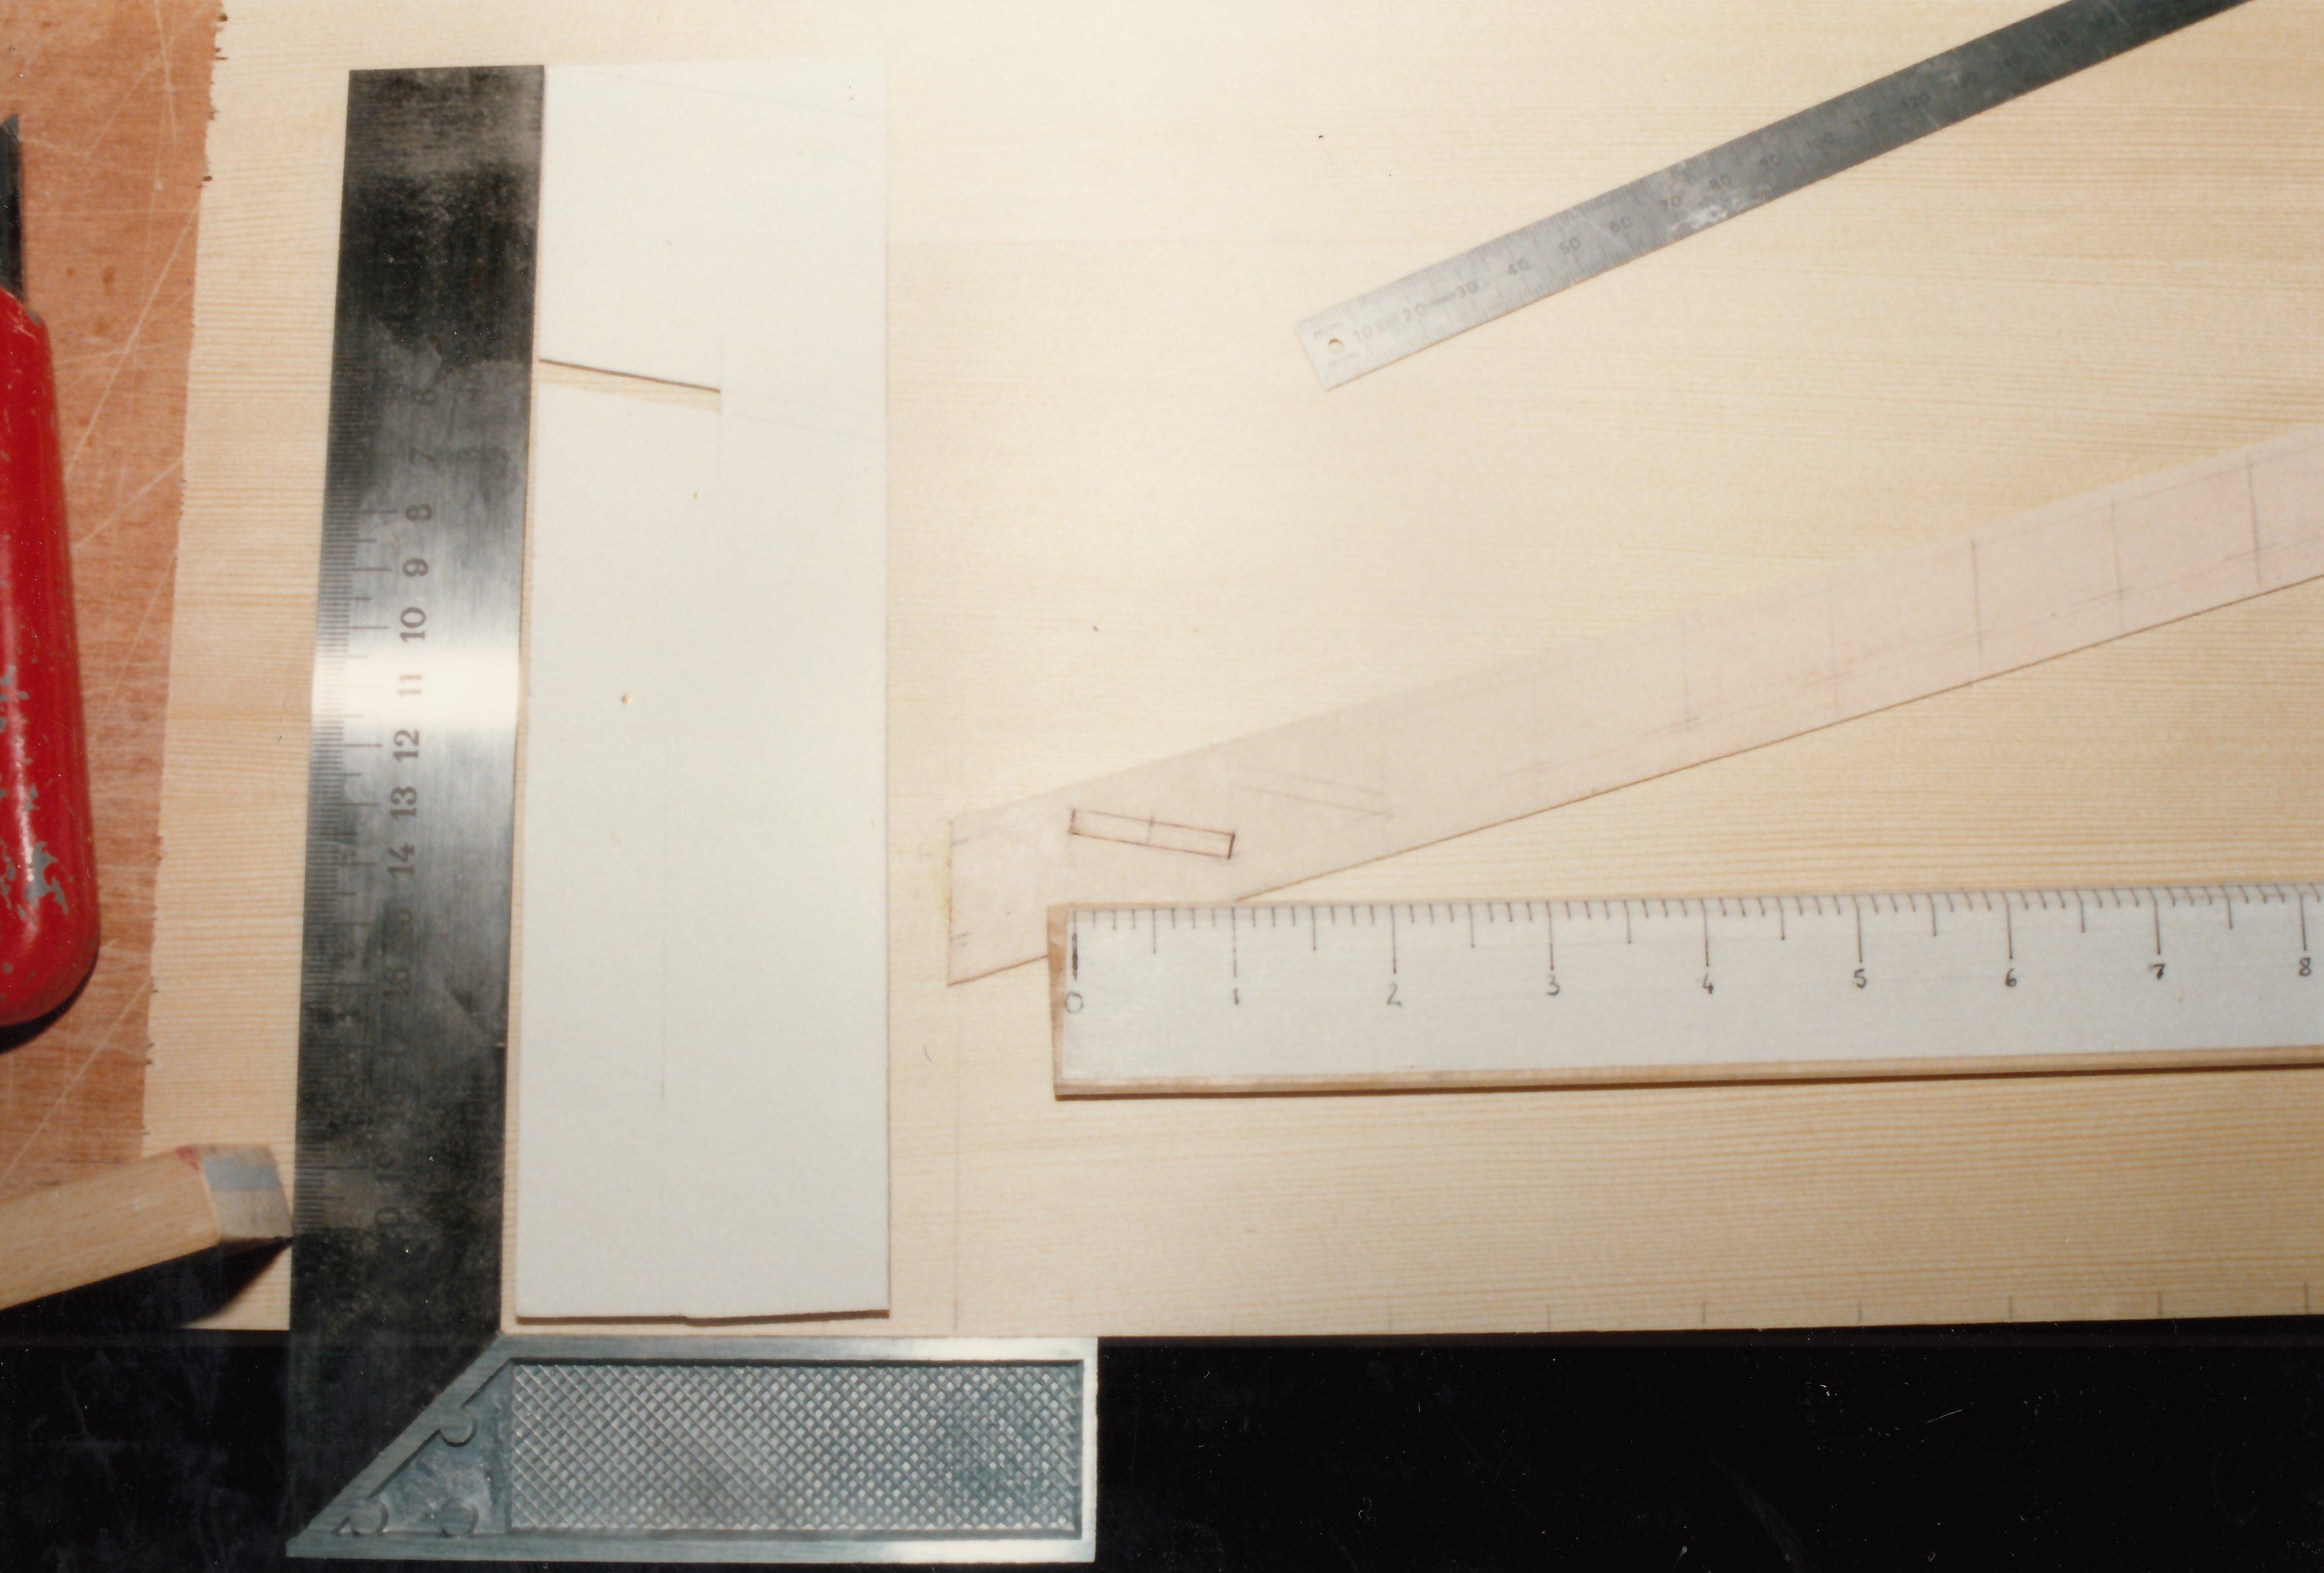 Fabrication d'instruments de musique anciens de bgire - Page 2 20030510303523134916674701